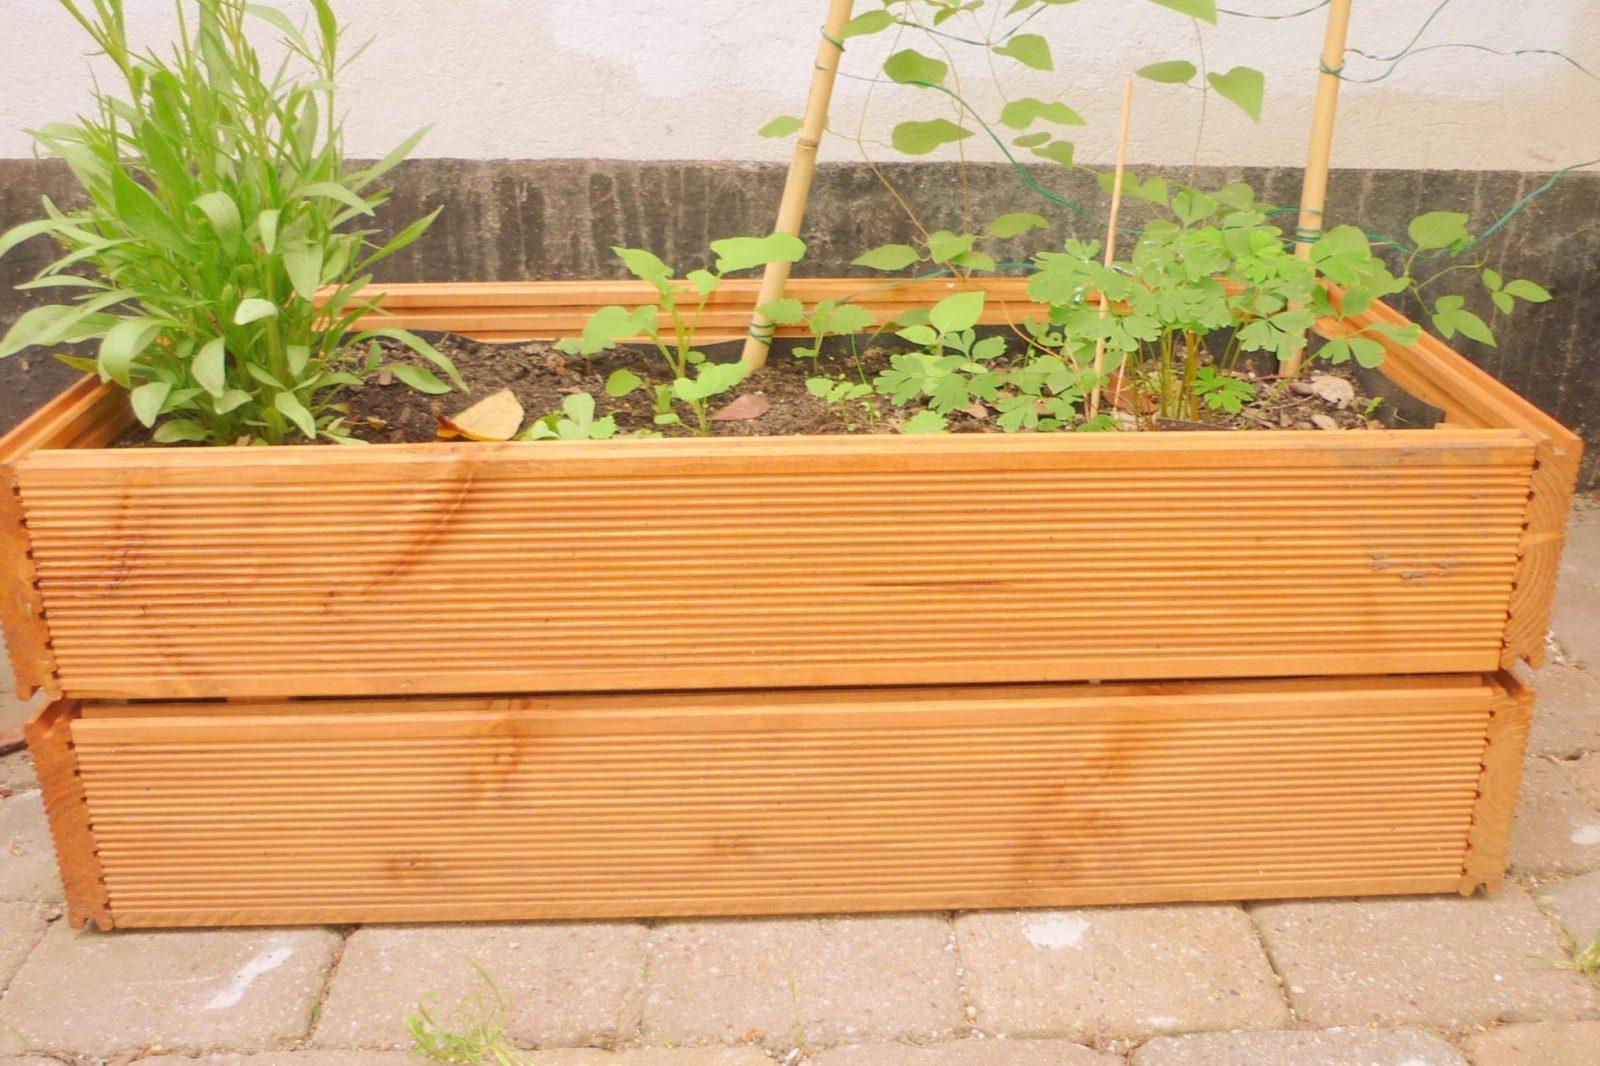 Pflanztrog Holz Selber Bauen  Die Schönsten Einrichtungsideen von Pflanzkübel Selber Machen Holz Photo